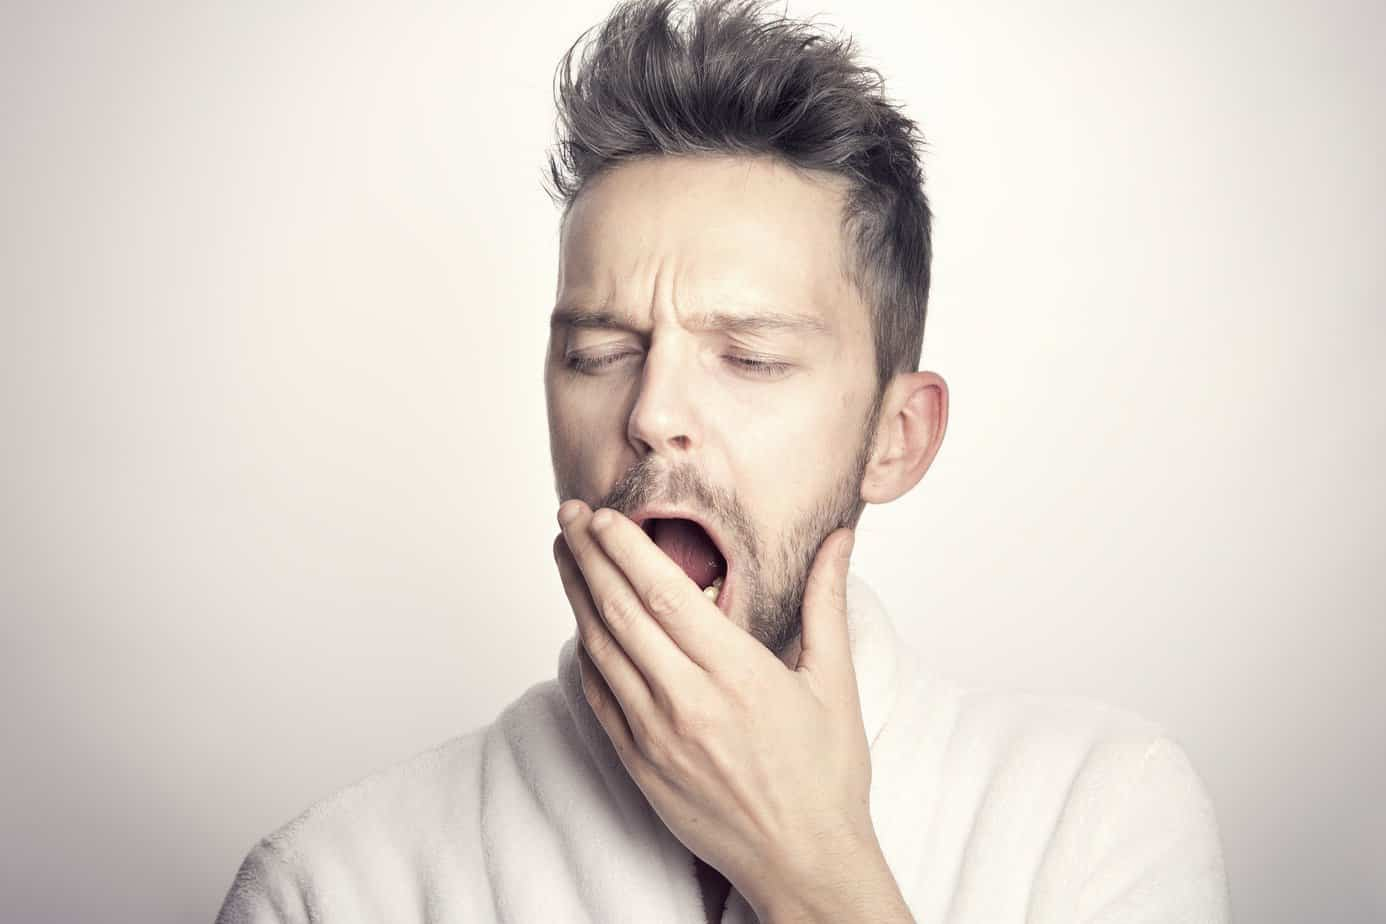 Quel insomniaque êtes-vous ? identifier ses différents types pour mieux combattre votre insomnie